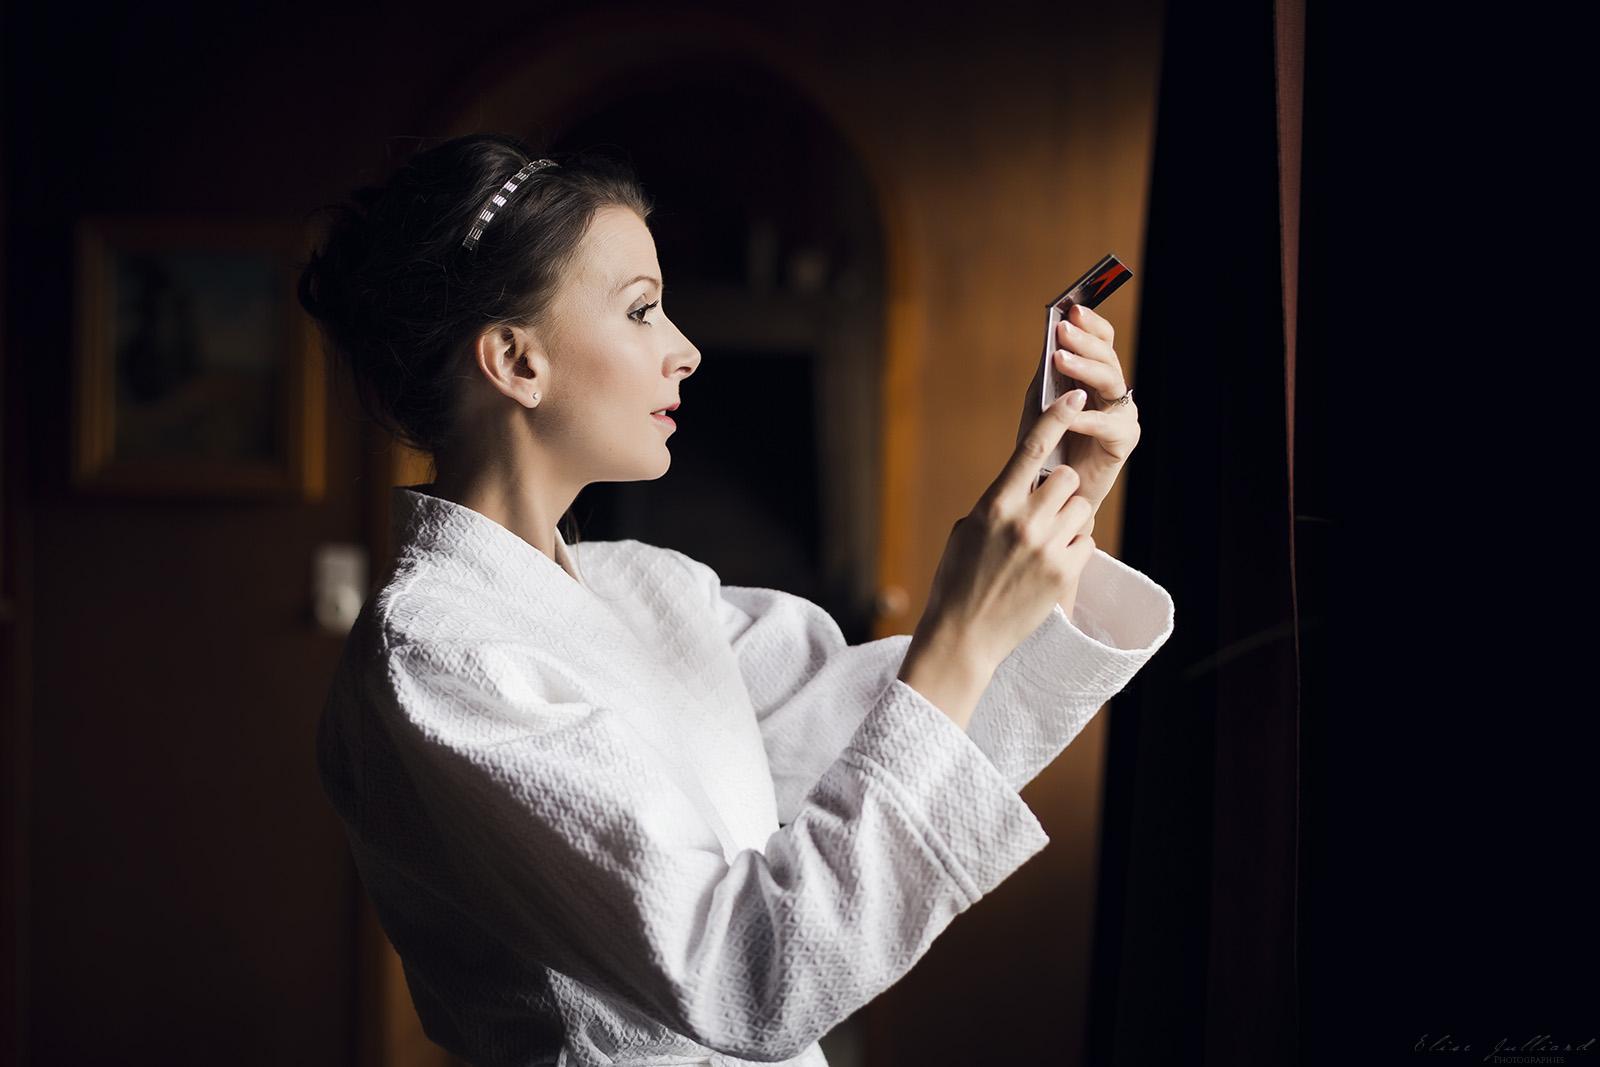 photographe-mariage-reportage-photo-wedding-preparatif-preparatifs-mariee-marie-maries-macon-saone-et-loire-auvergne-rhone-alpes-lyon-bourg-en-bresse-chateau-de-salornay